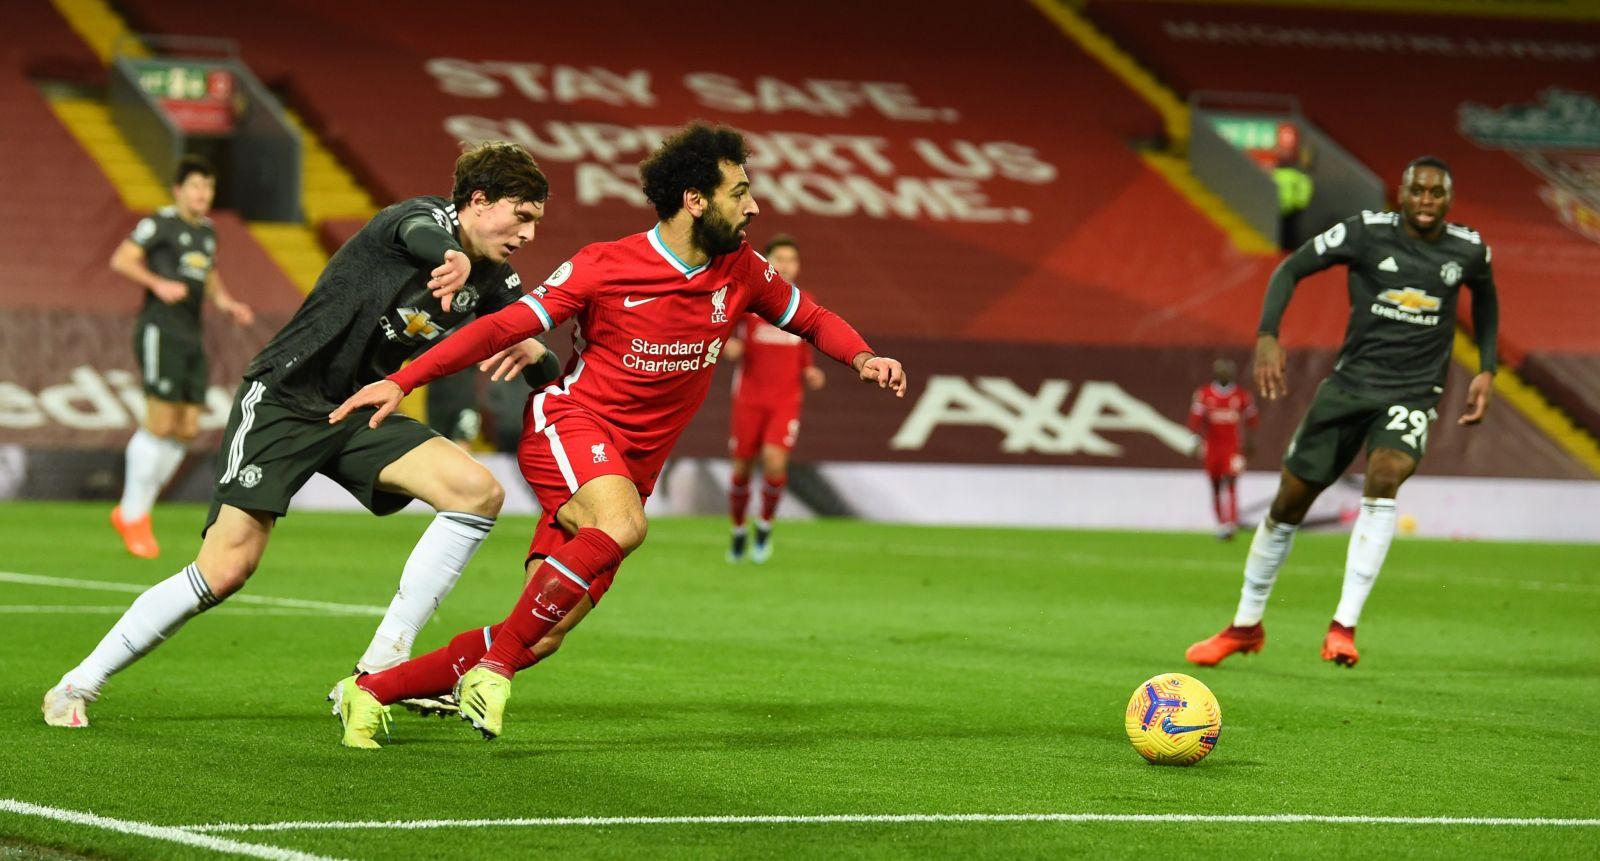 Hasil Pertandingan Liverpool vs Manchester United: Membosankan!